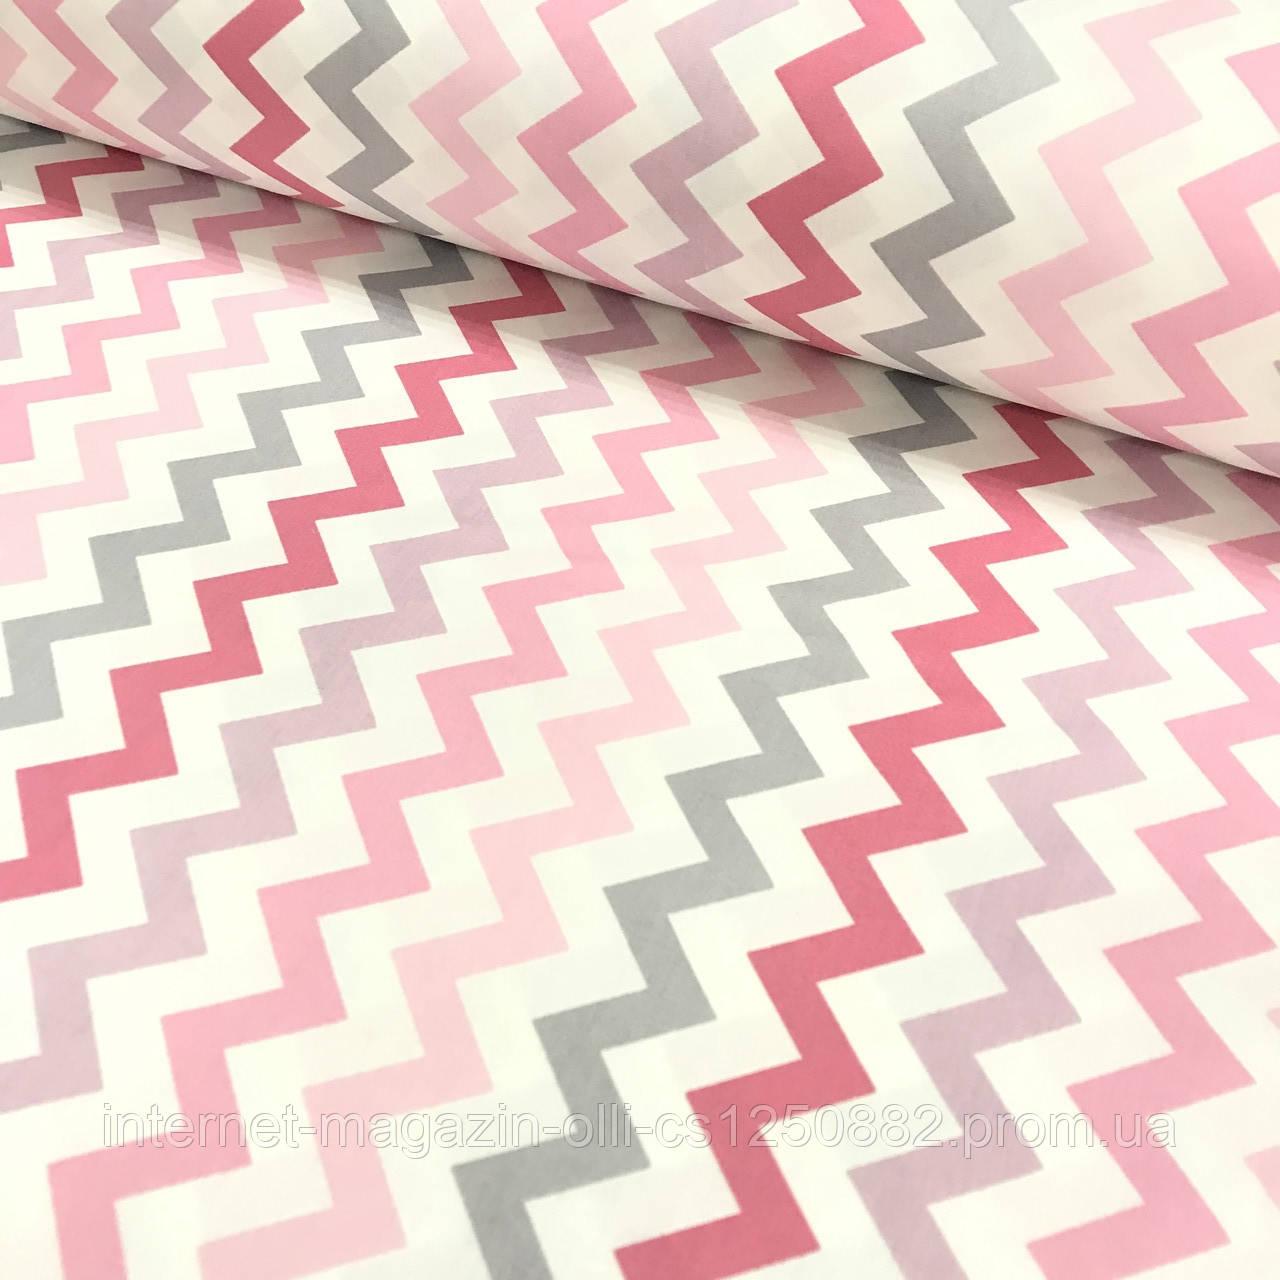 Ткань поплин зигзаг крупный серо-розовый на белом (ТУРЦИЯ шир. 2,4 м)